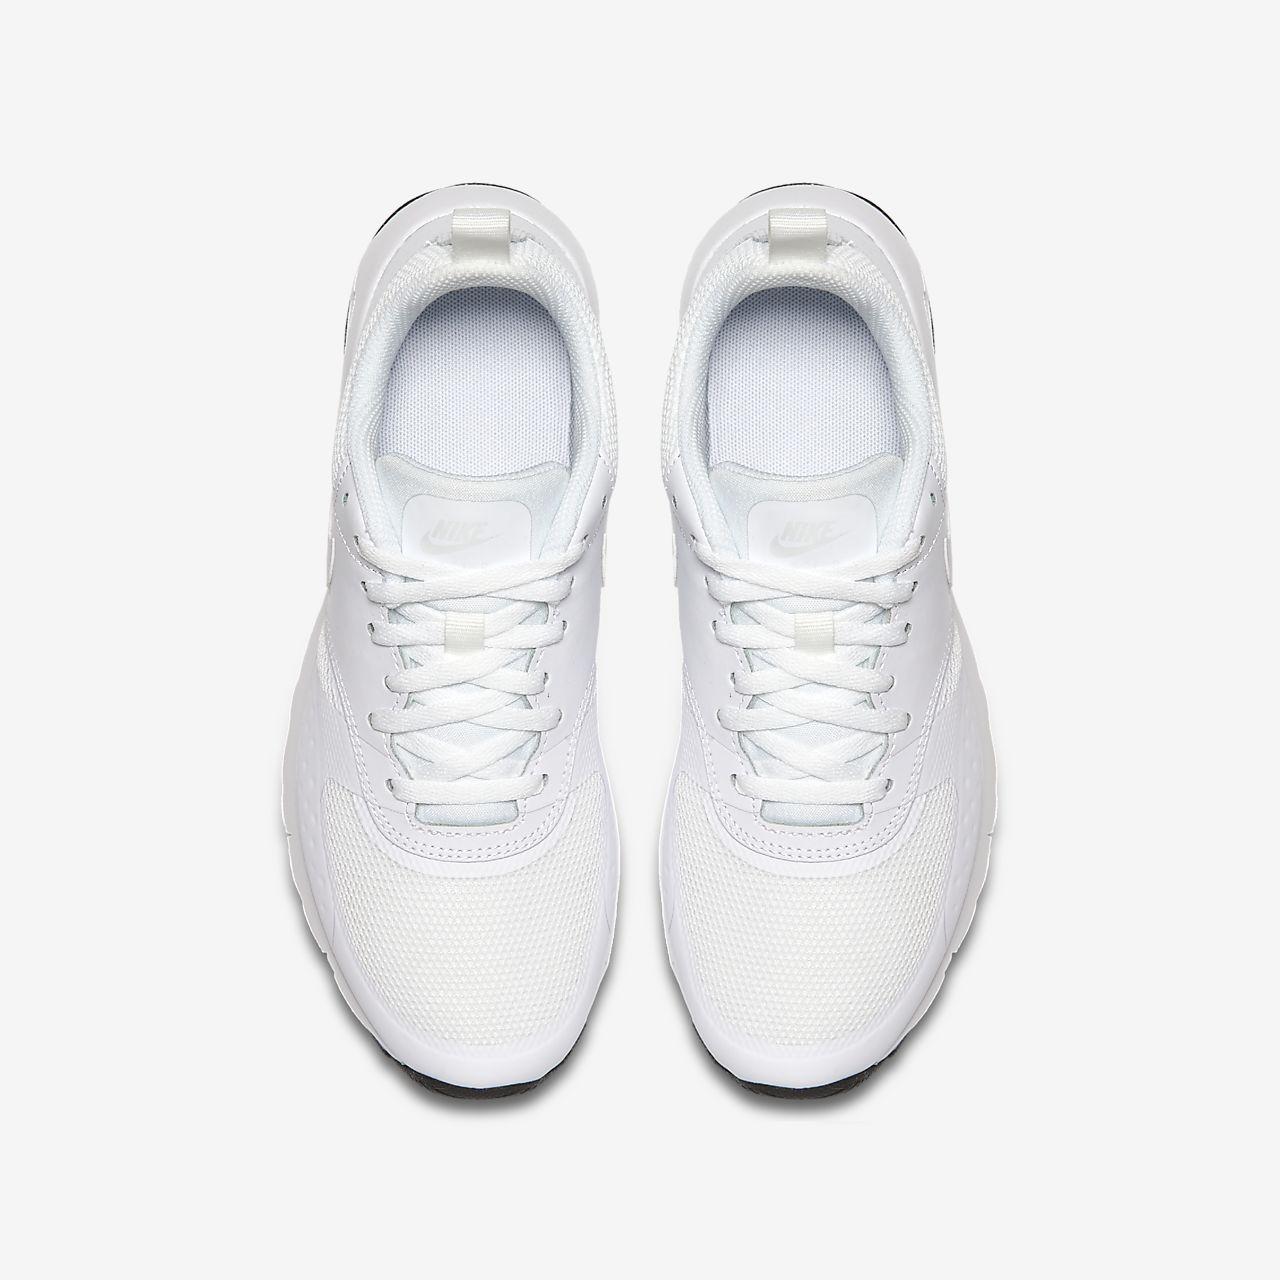 check out 4723a ff4cd ... Chaussure Nike Air Max Vision pour Enfant plus âgé